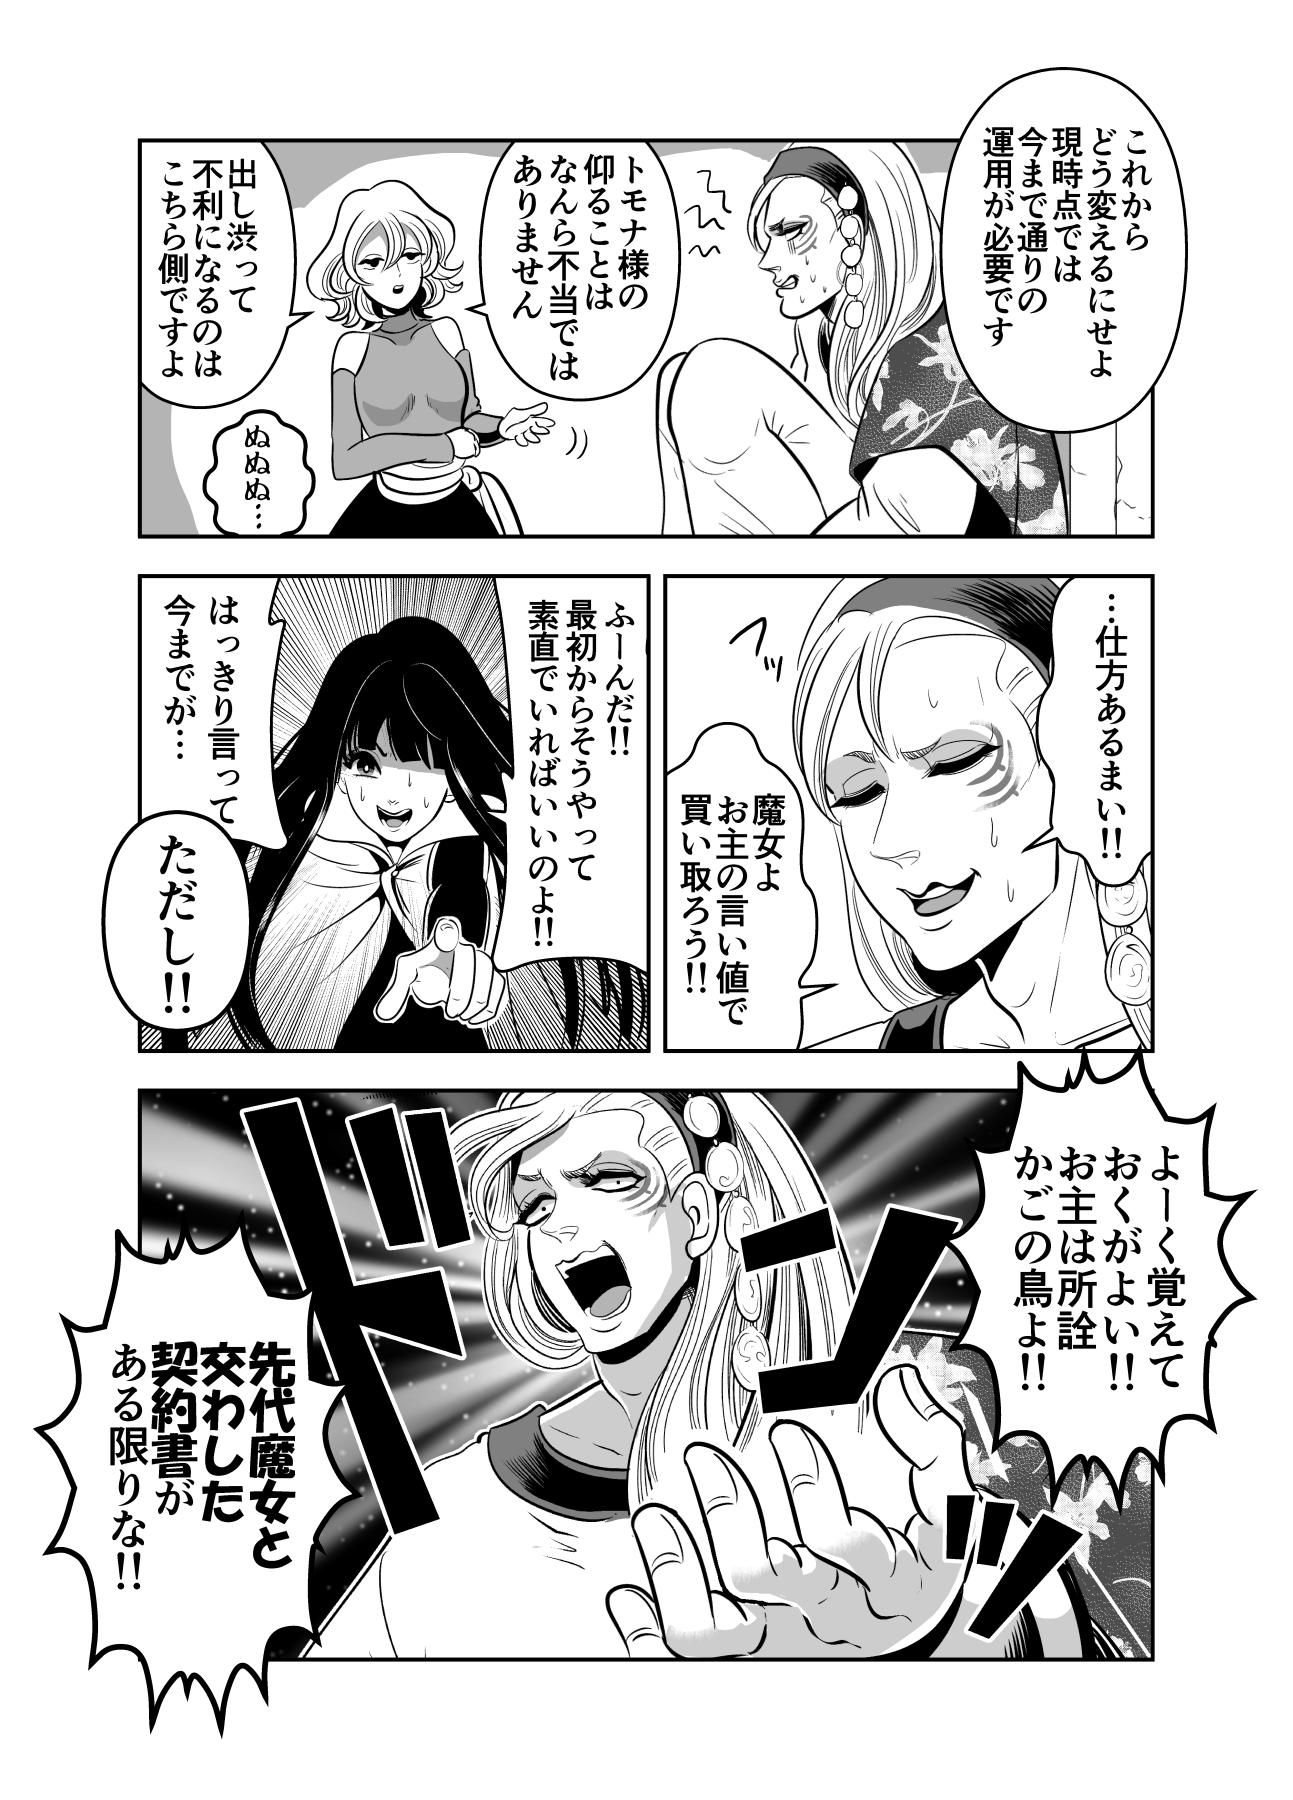 ヤサグレ魔女と第1王子と吸血鬼①0012